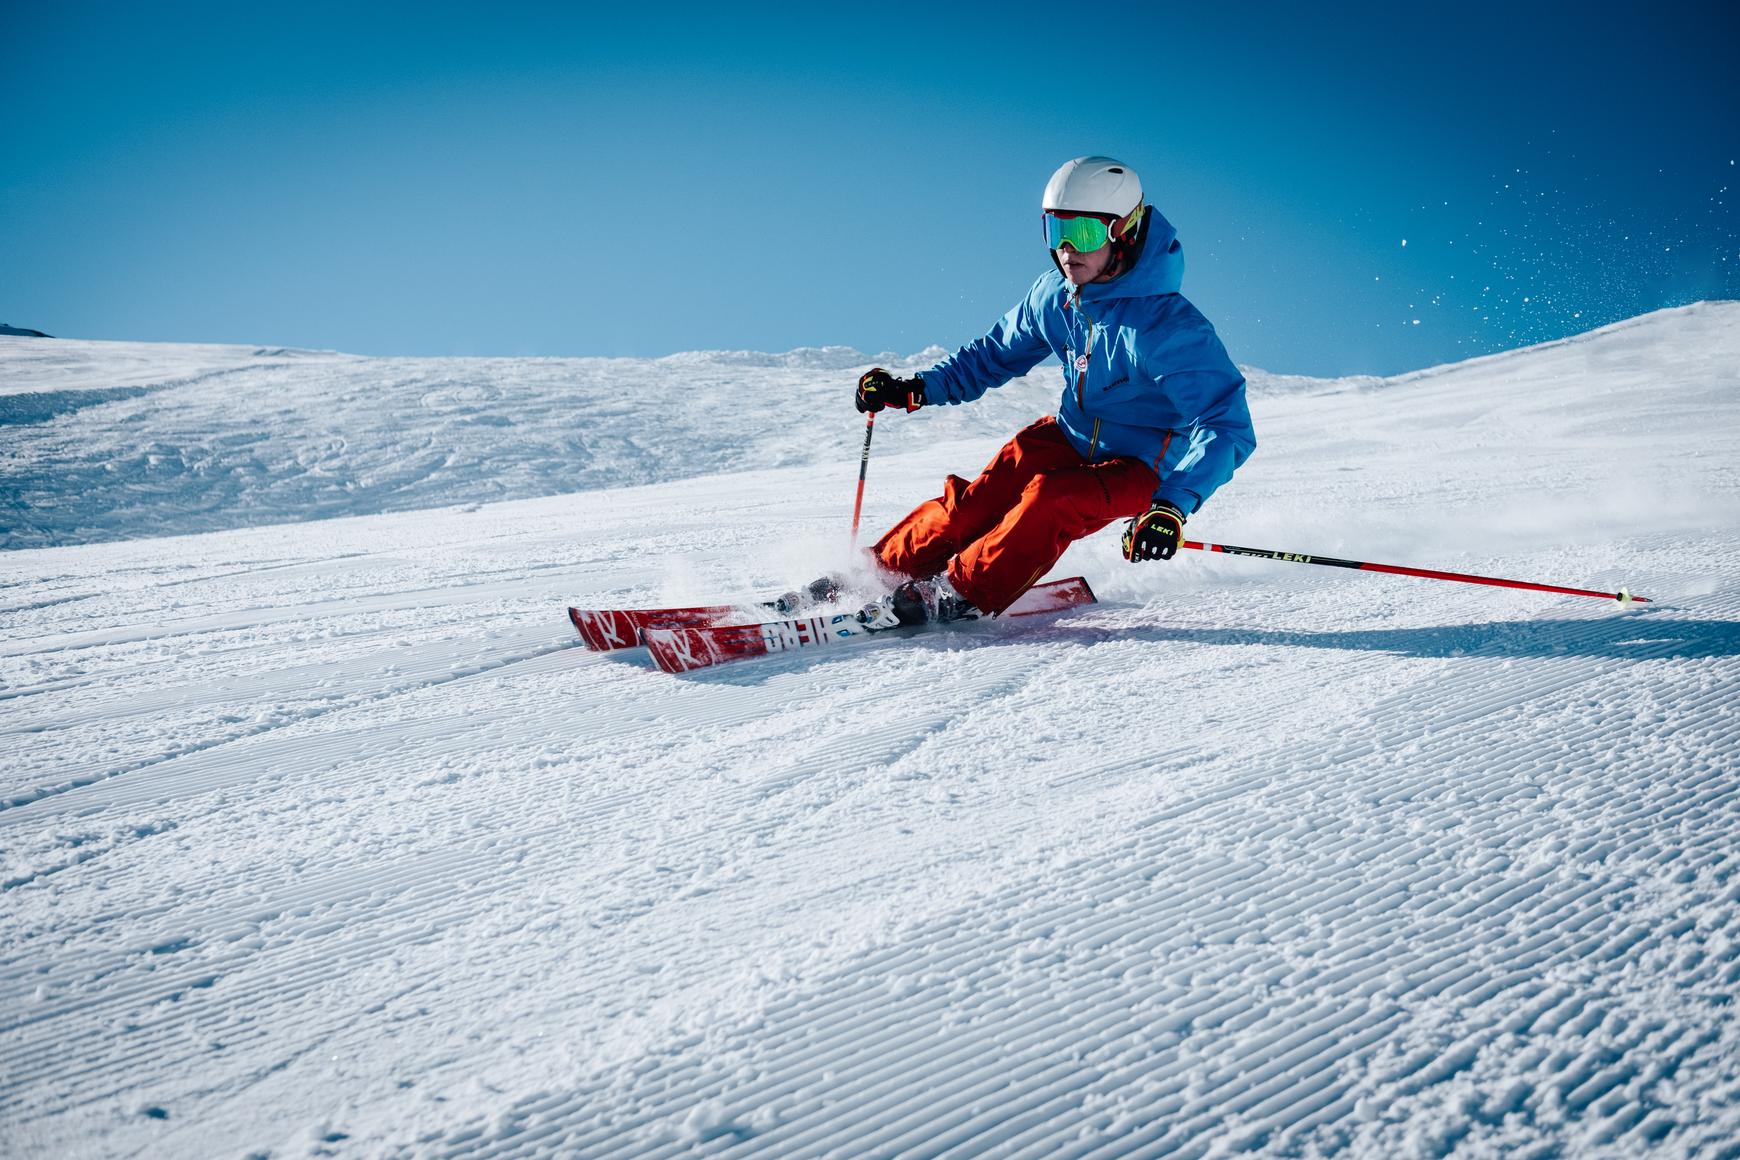 ski-wintersport-blauwe-lucht